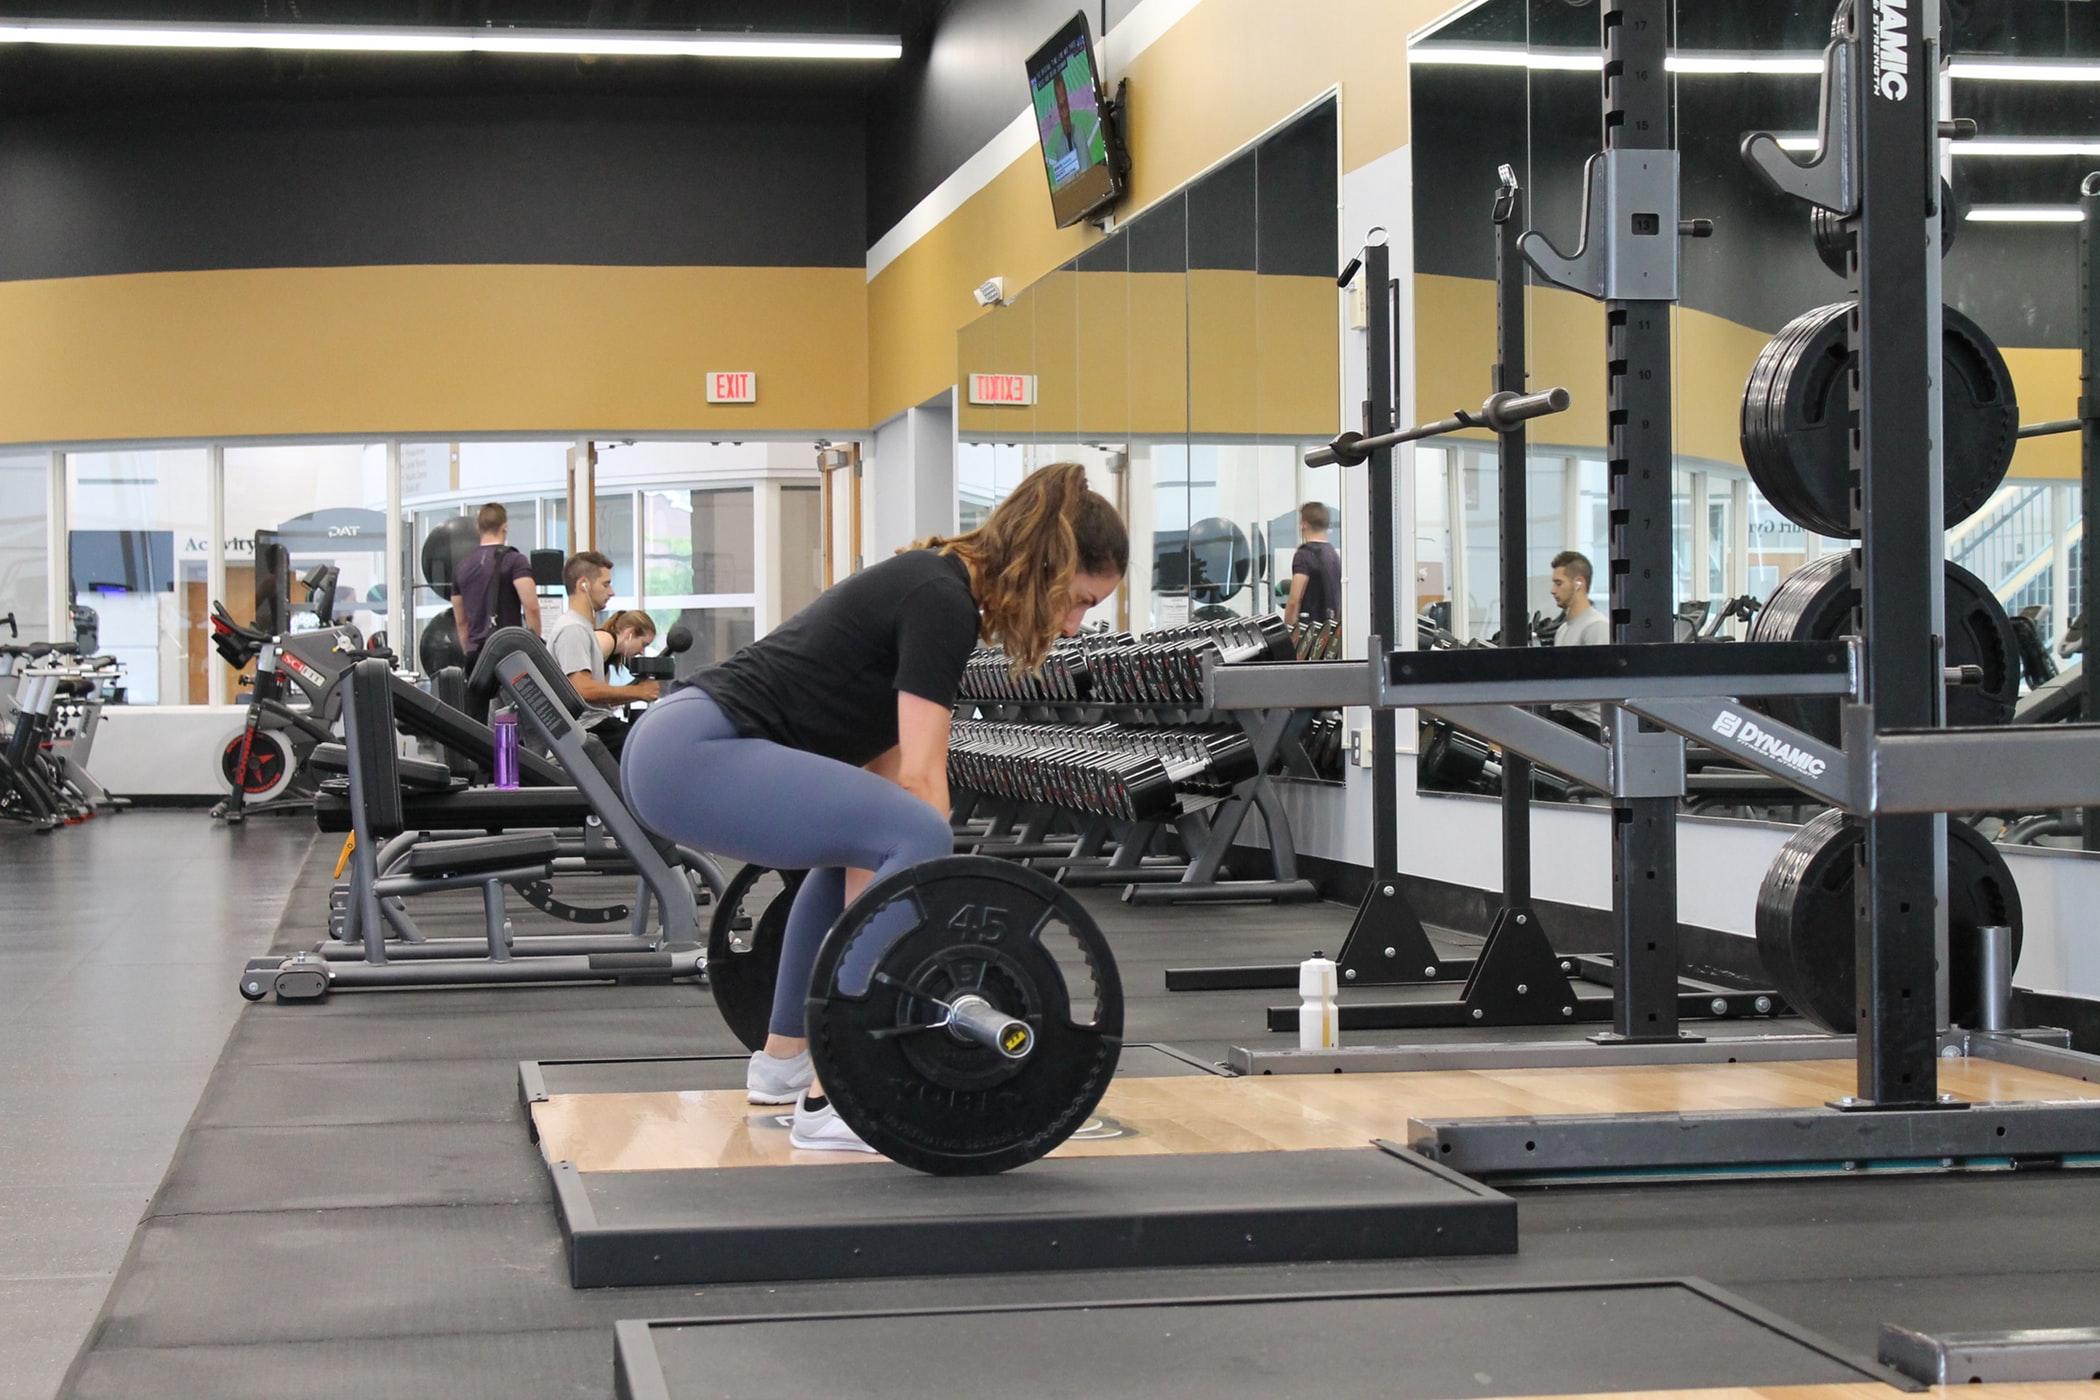 fitness center-1